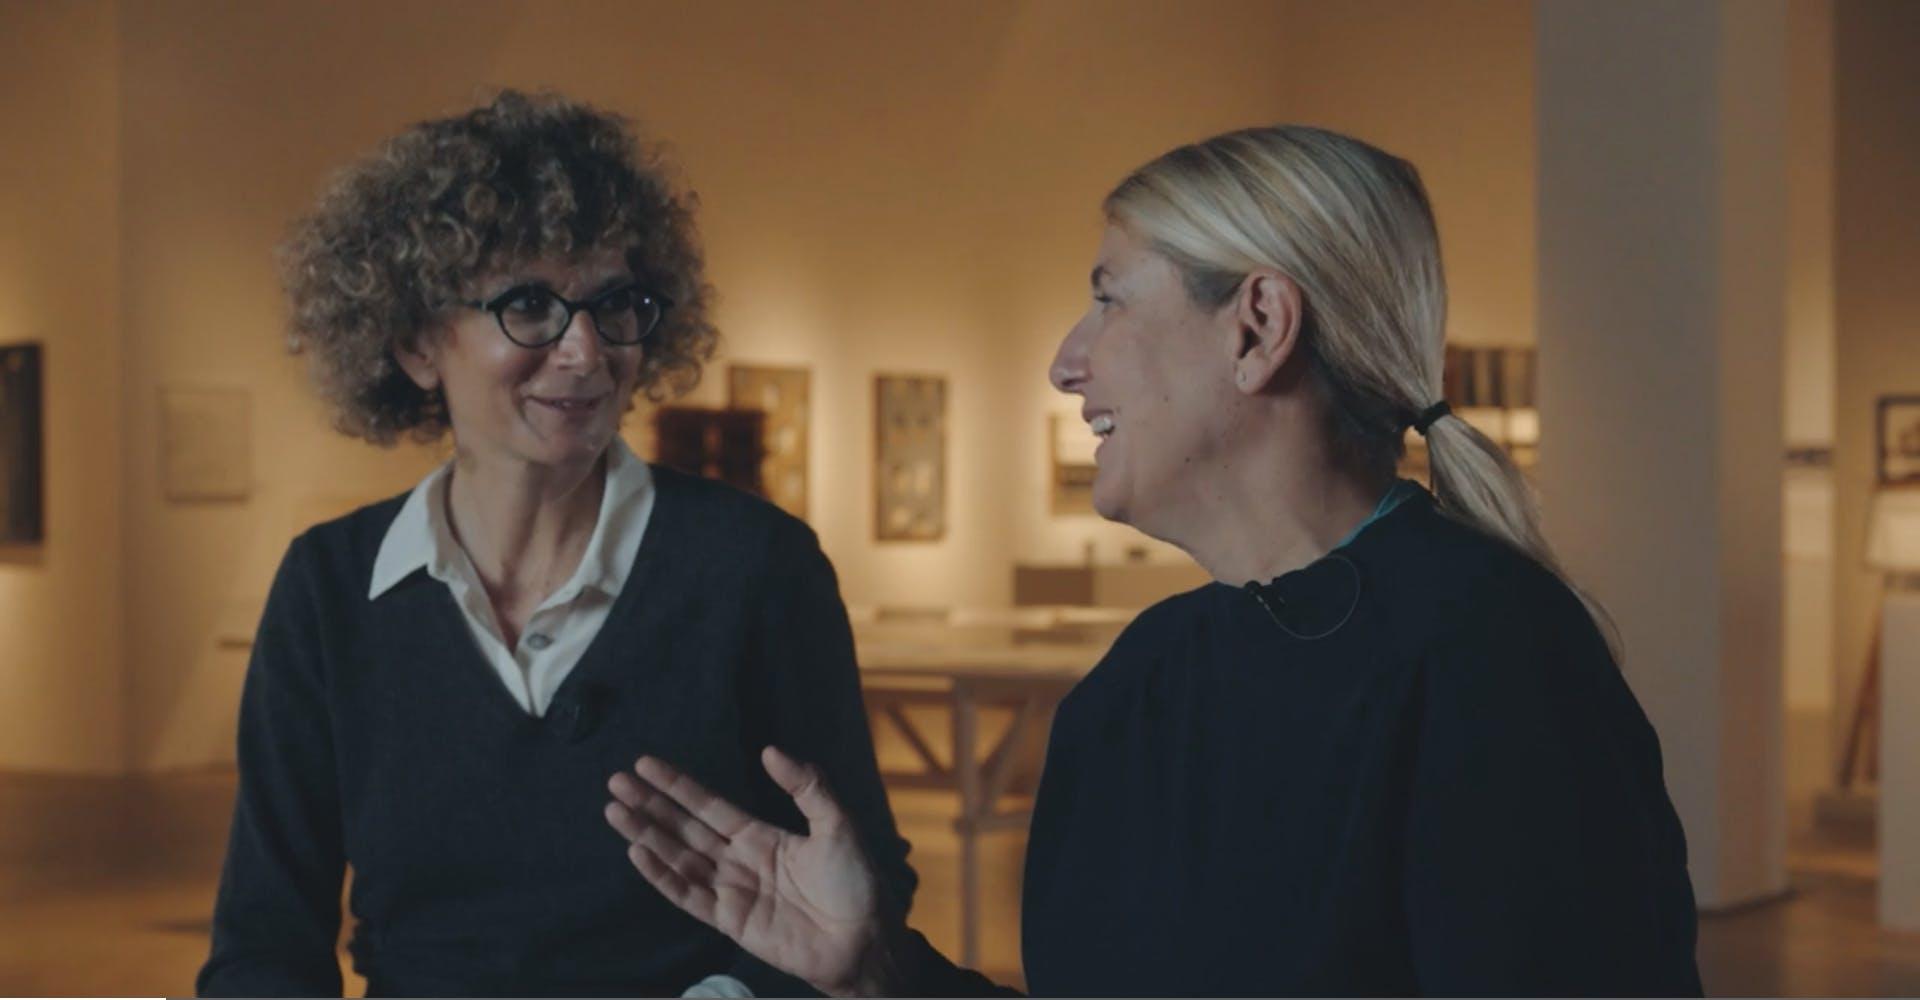 Fermo immagine da As seen by – Ep. 1 – Patricia Urquiola, 2021, regia di Jacopo Farina